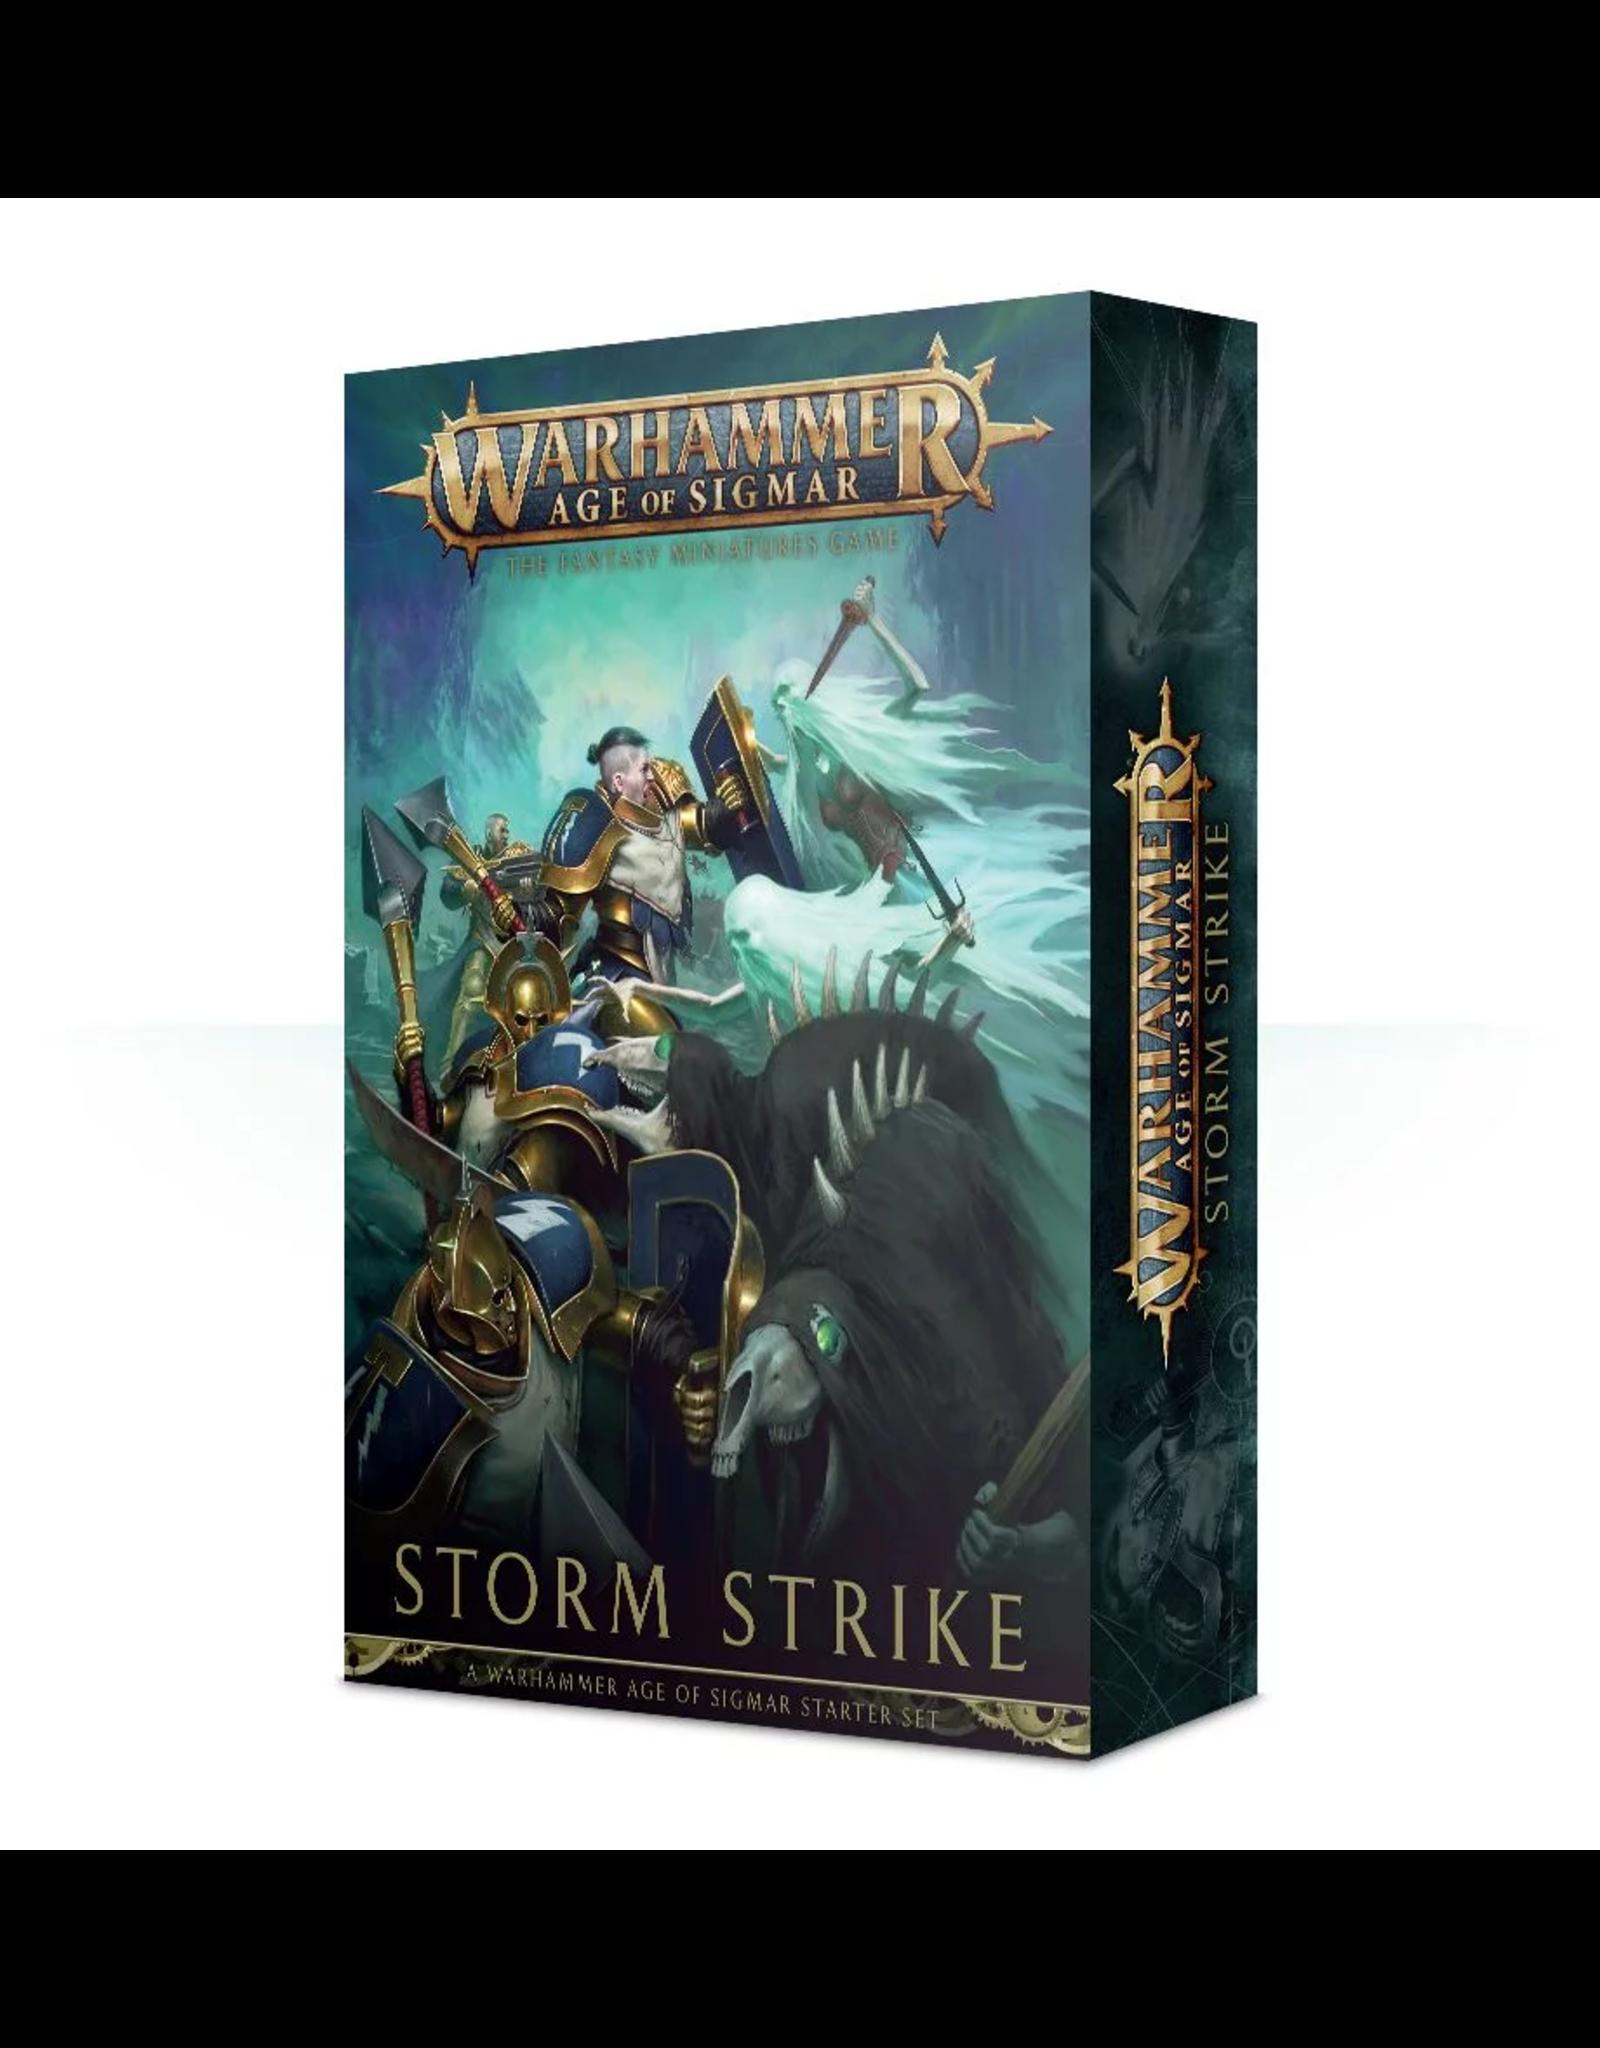 Games-Workshop AGE OF SIGMAR: STORM STRIKE